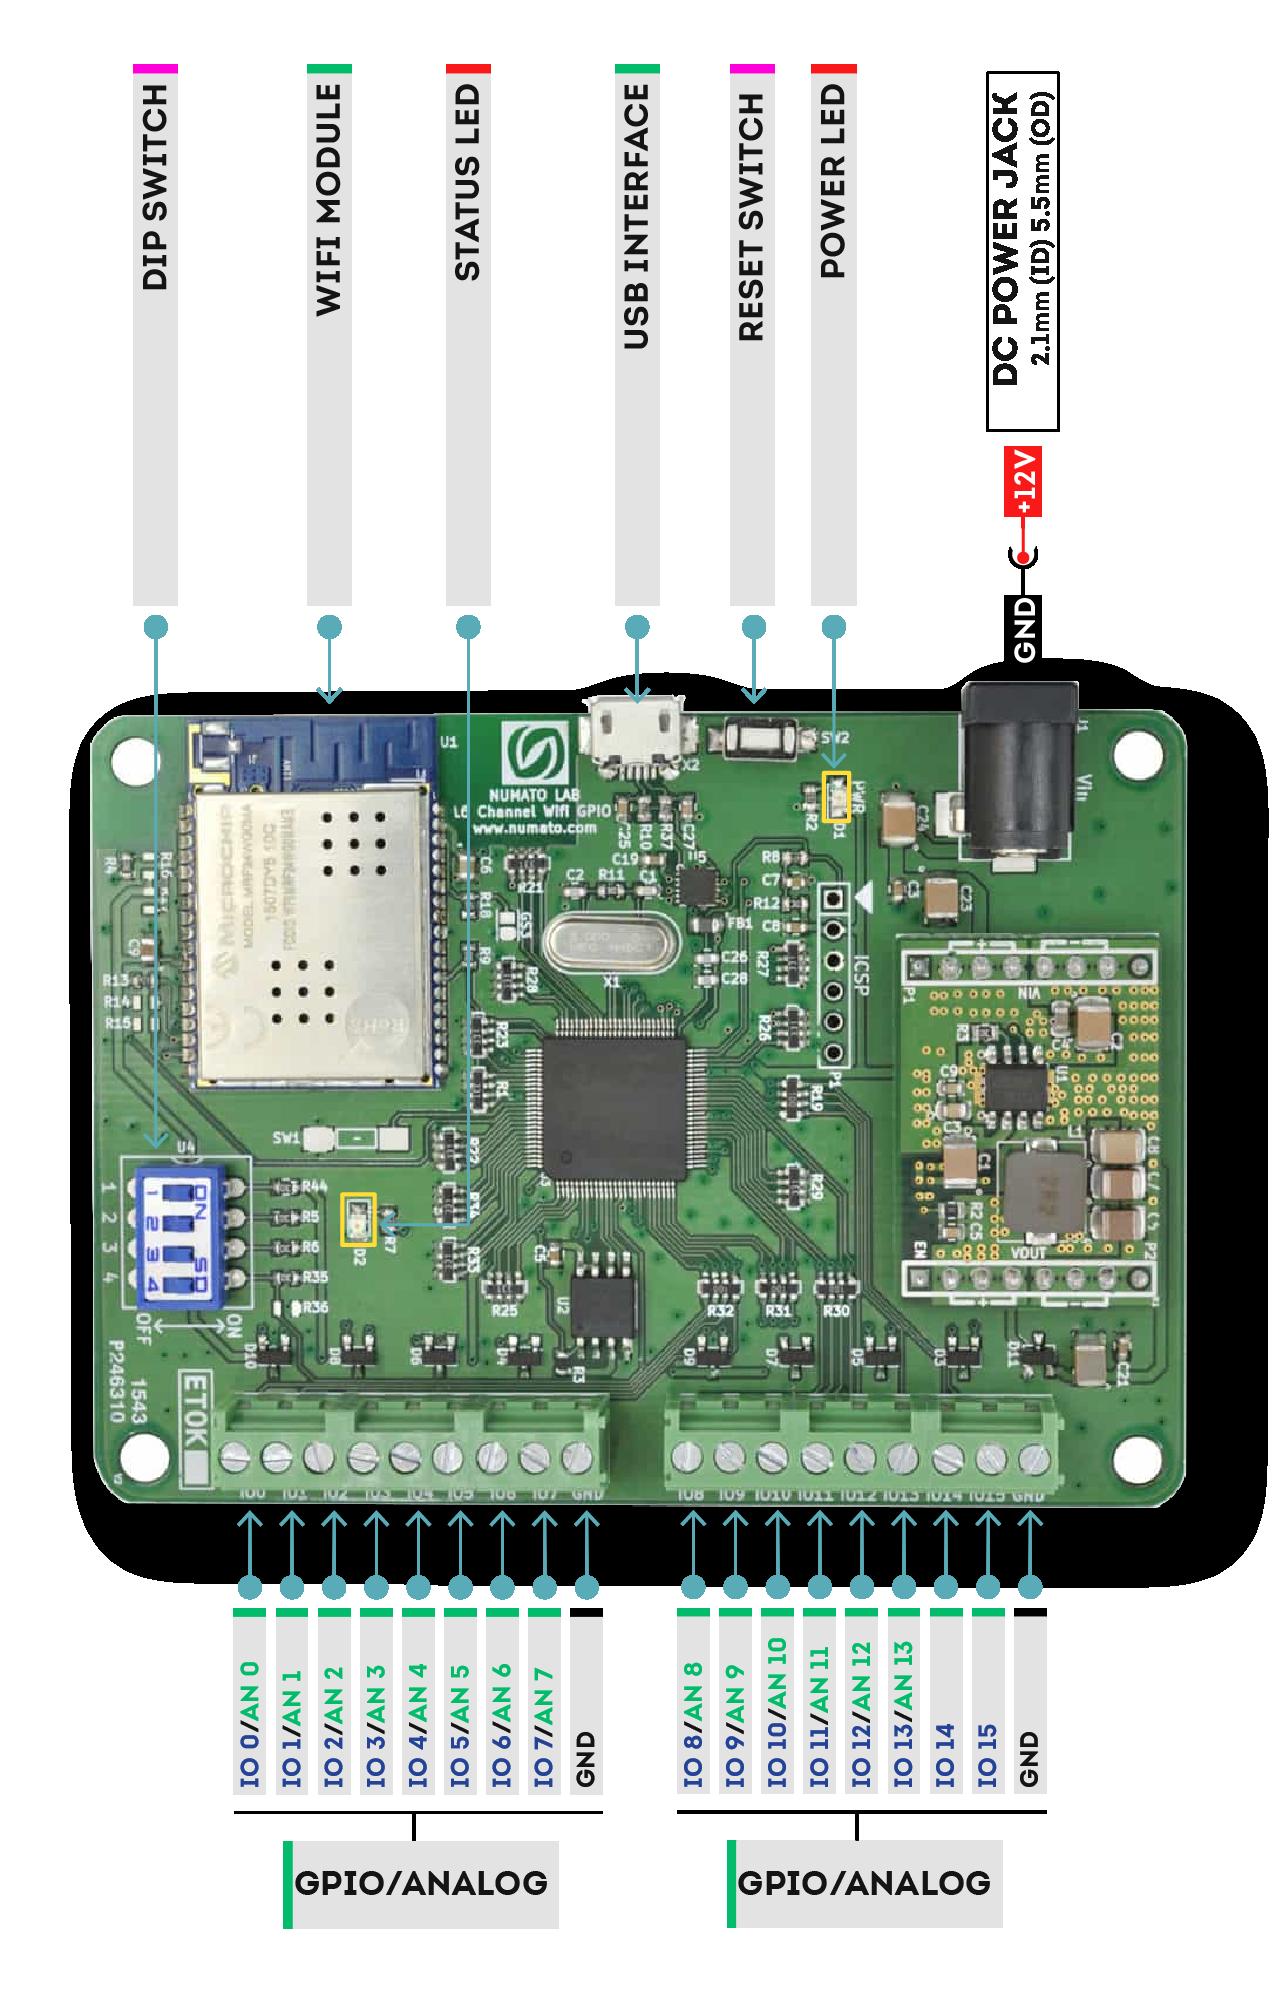 16 Channel WIFI GPIO Module - Wire Diagram